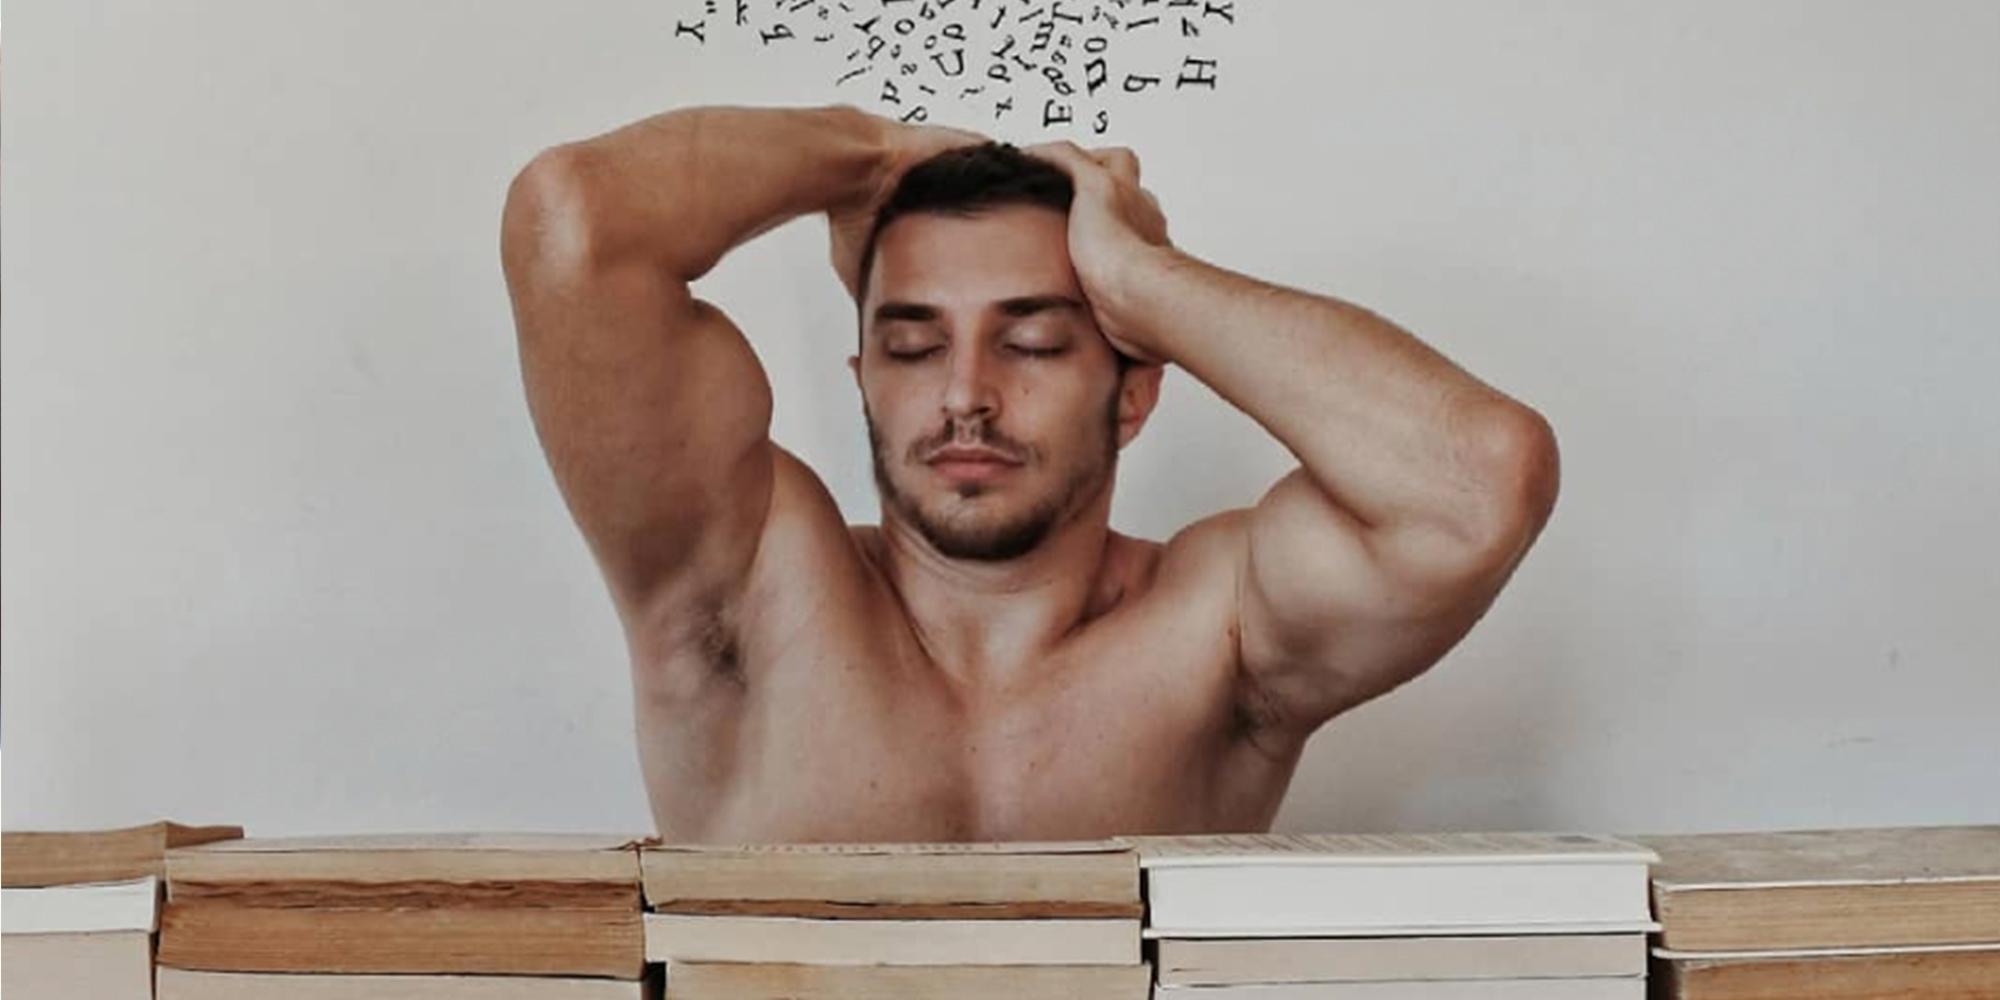 Этот здоровяк использует книги, чтобы создавать восхитительное искусство в своем Инстаграме